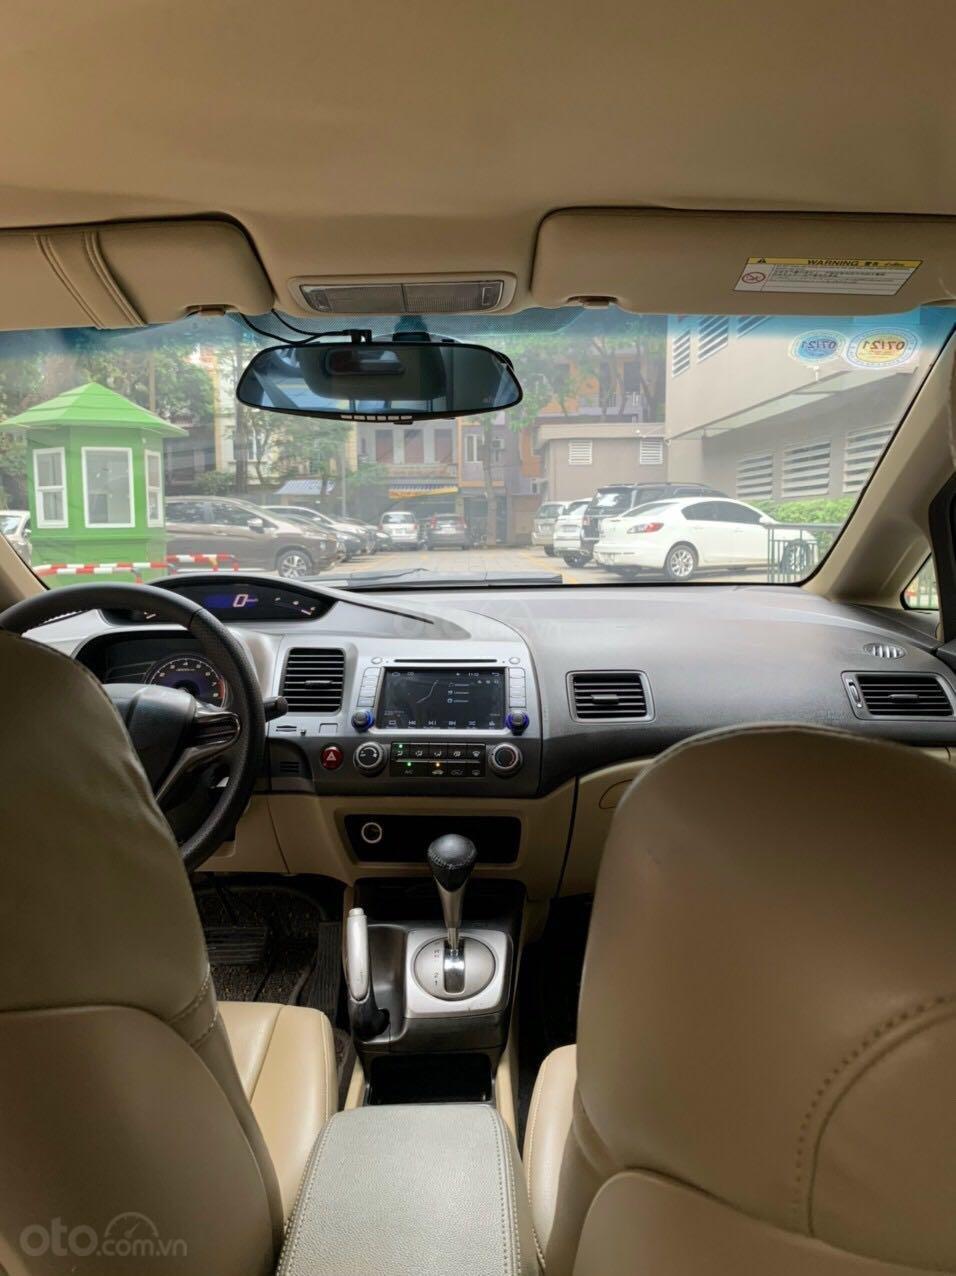 Cần bán Honda Civic đời 2008, màu ghi xám, chính chủ giá 295tr (6)